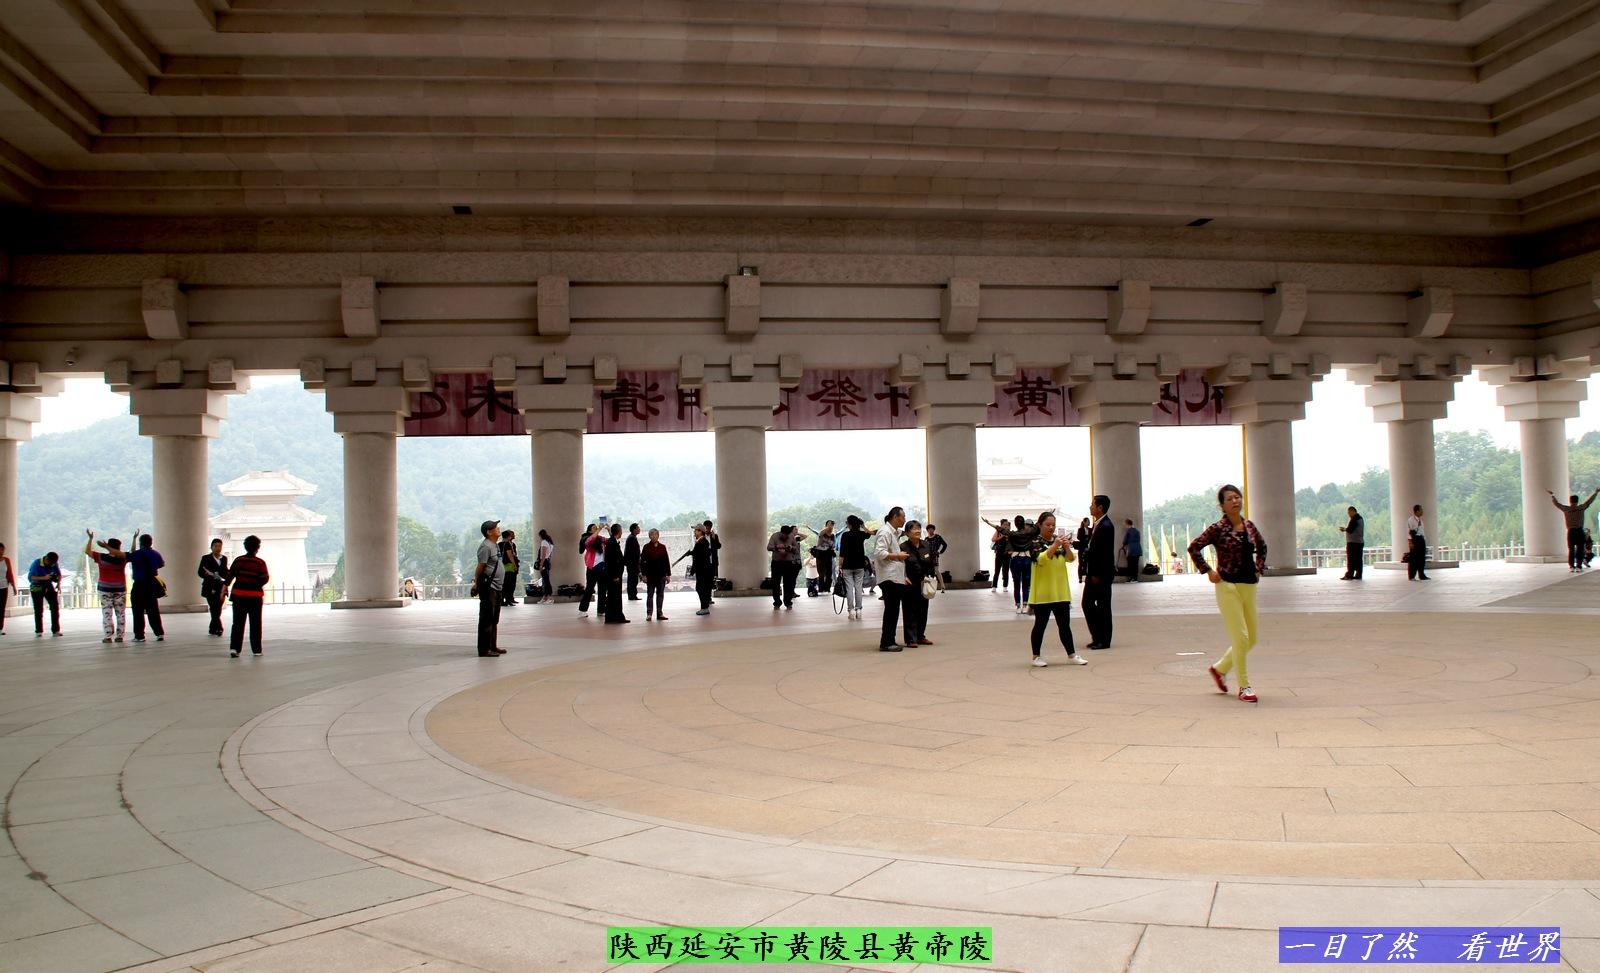 黄帝陵景区--51-1600.jpg